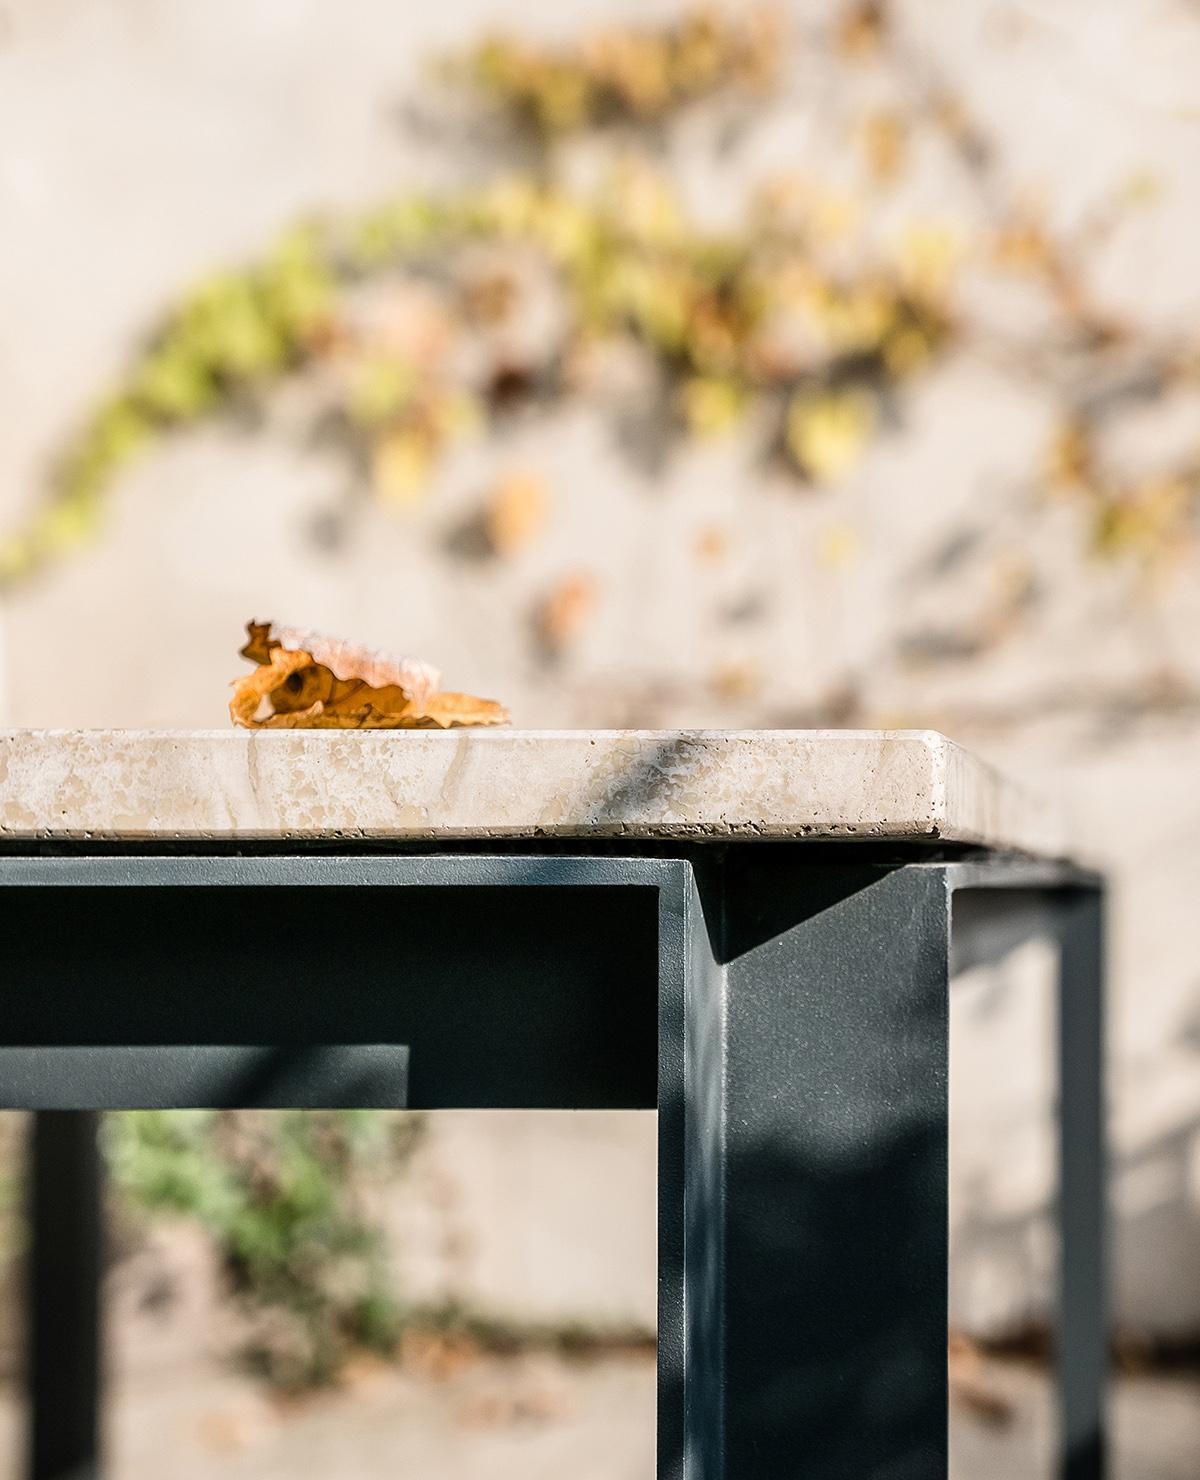 DUCA è un tavolo composto da tre elementi: un piano di marmo, una linea ininterrotta di metallo, e una serie coordinata di dettagli a impreziosirlo. Un piccolo capolavoro disponibile su misura e in diverse varianti, coordinate, per interni e esterni | piano e linea | Bottega di Architettura | (c) Carlo Deregibus